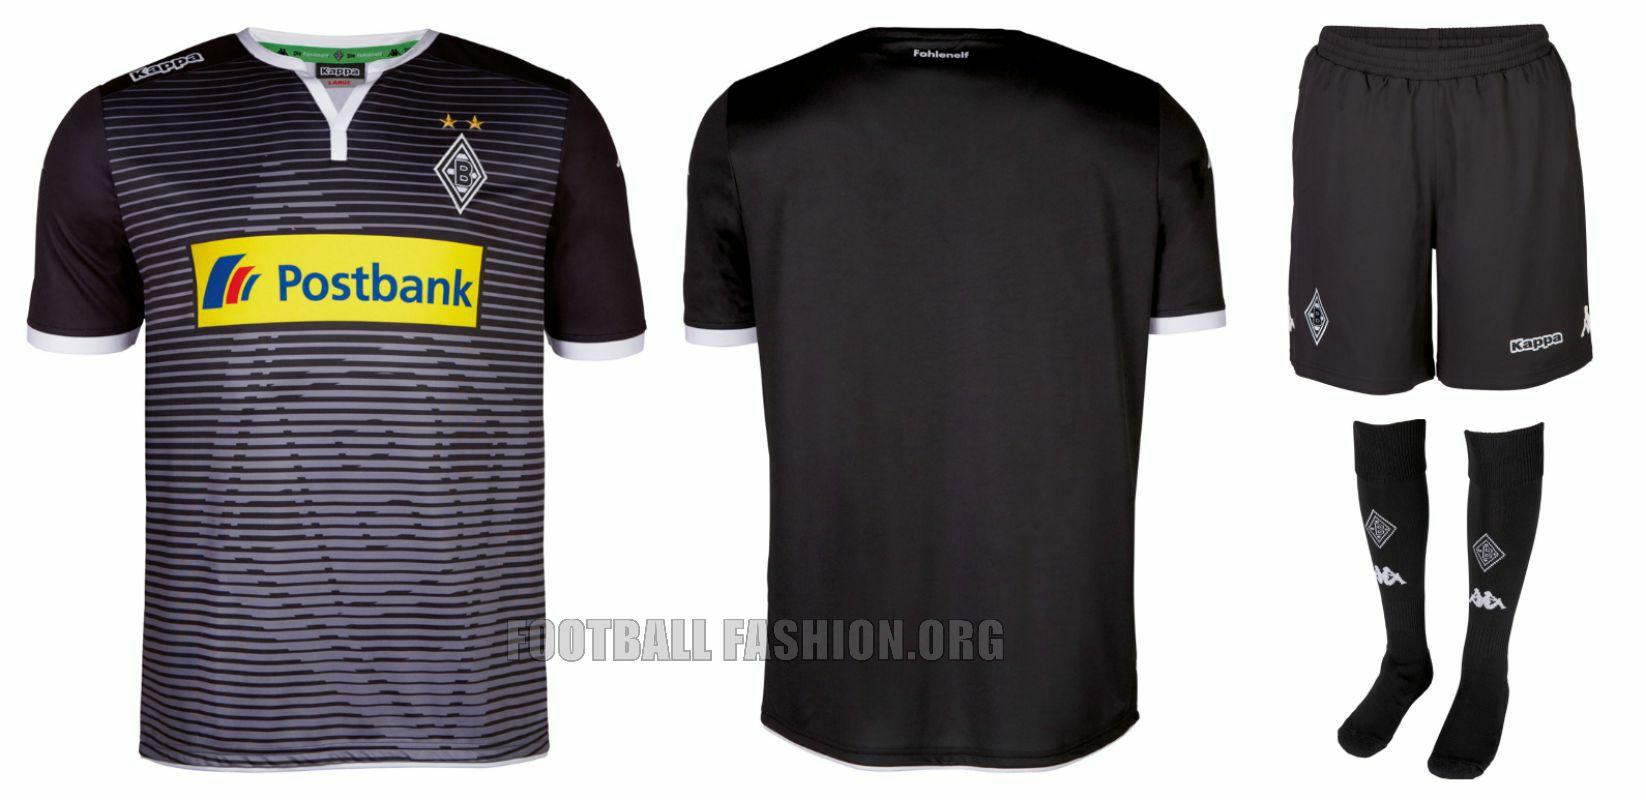 Borussia Mönchengladbach 2015 16 Kappa Away and Champions League ... 86aad7bf691ea